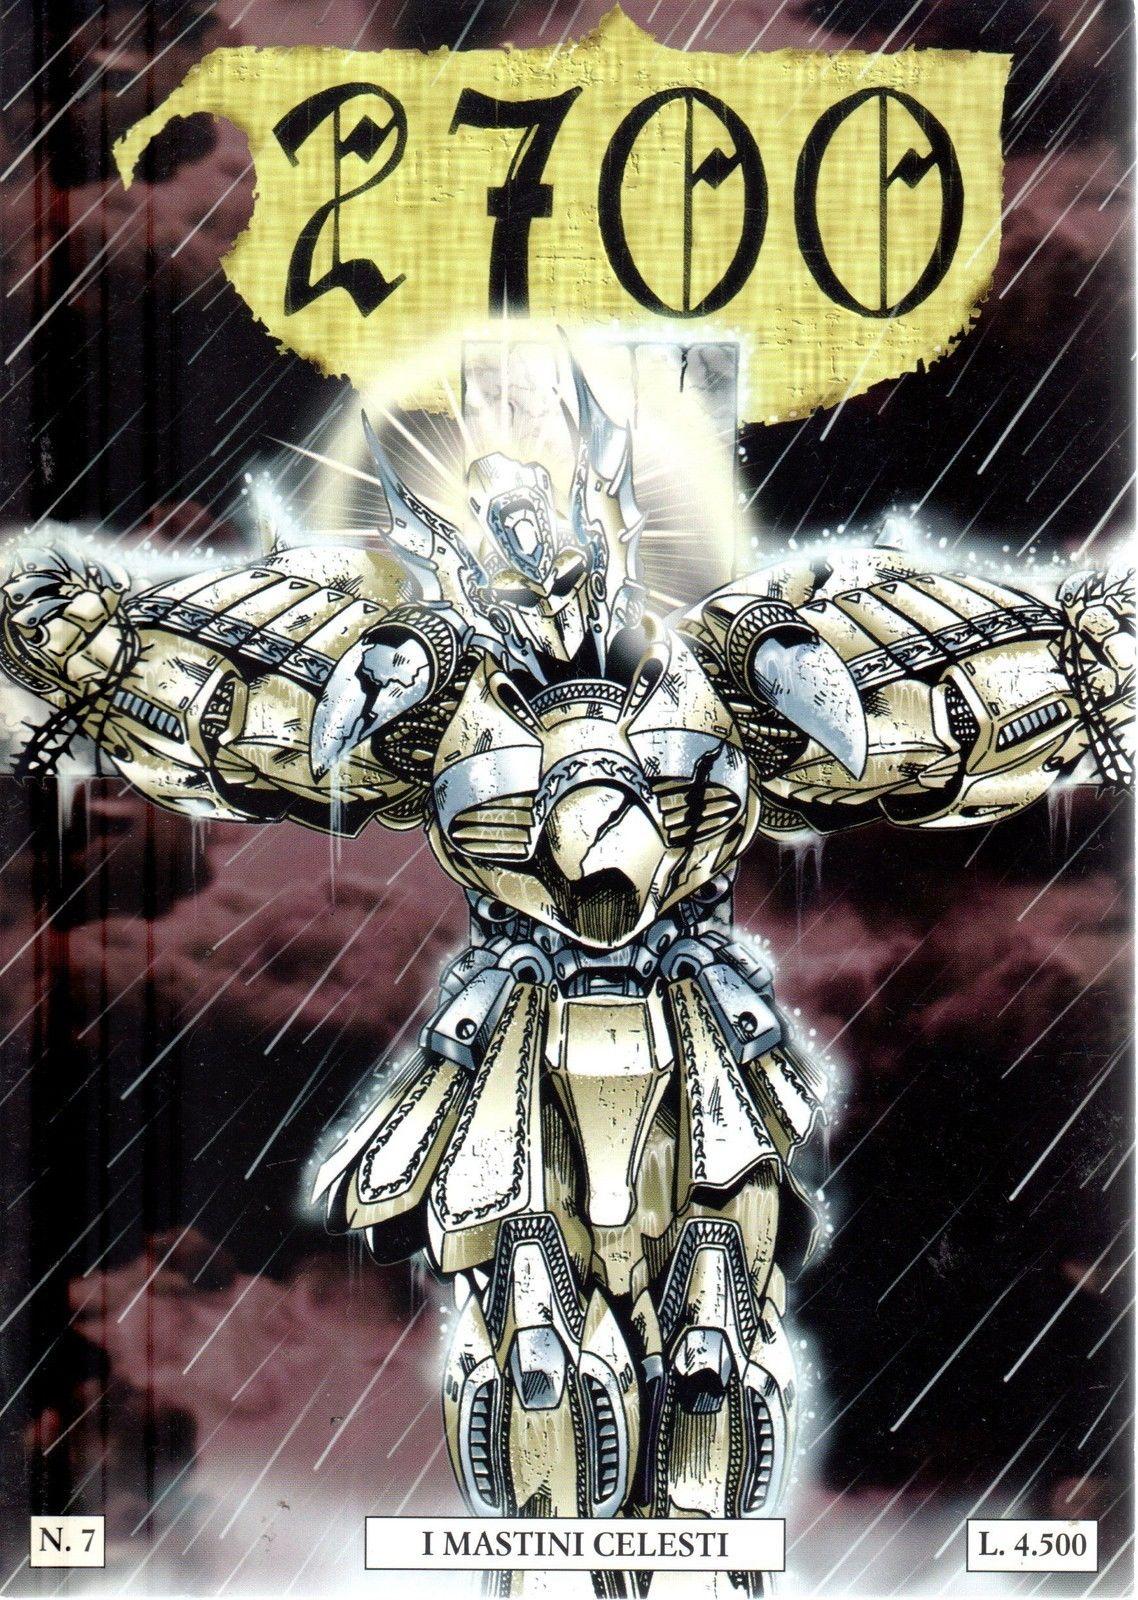 2700 Vol 1 7